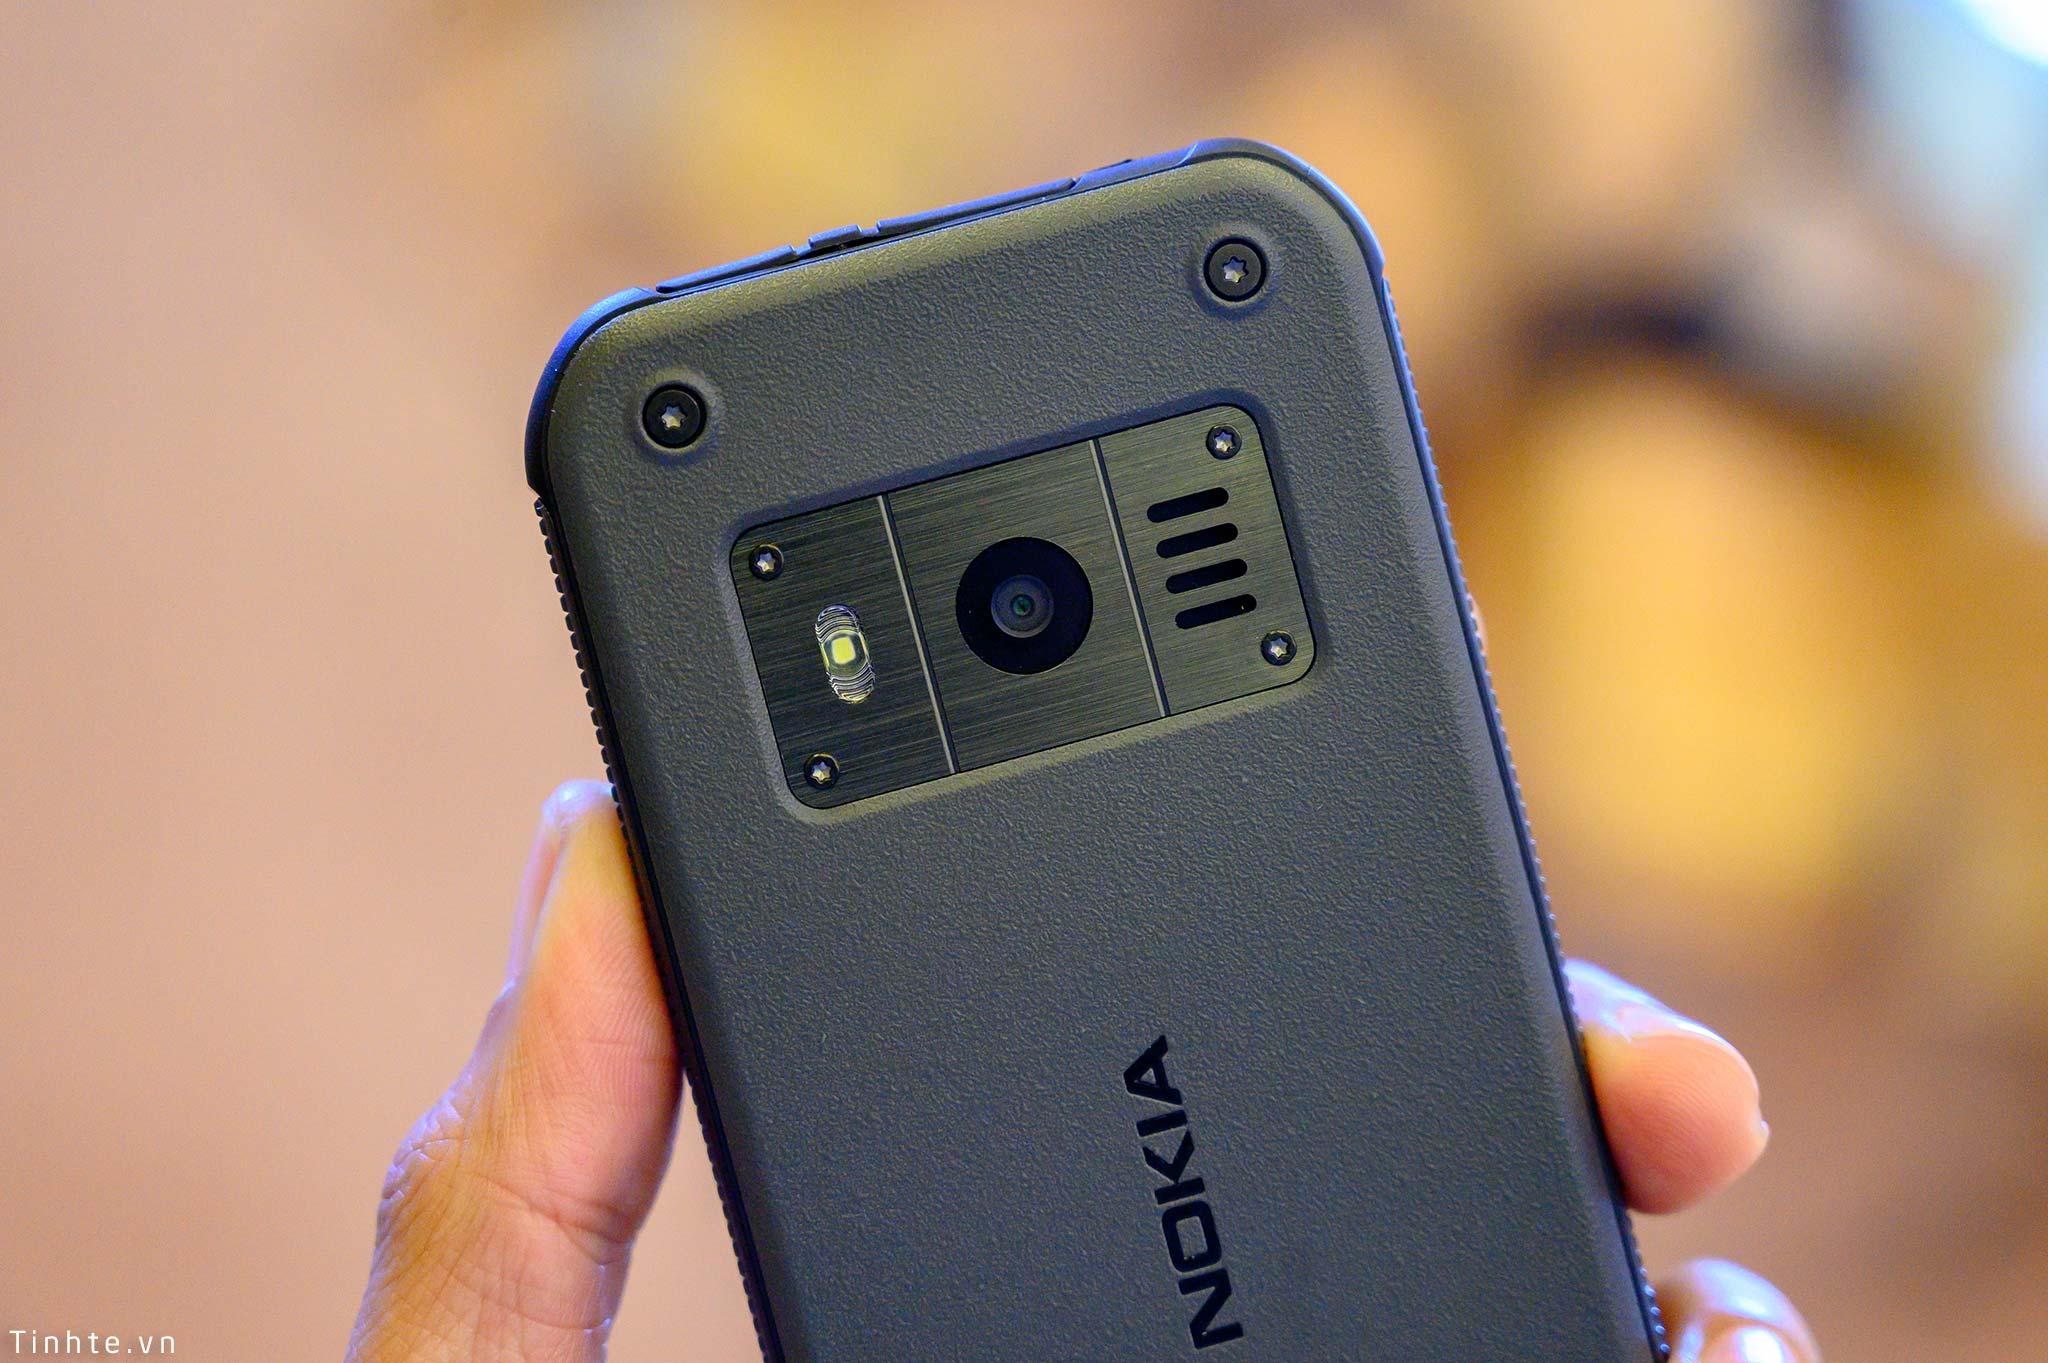 Nokia_800_Tough_tinhte_7.jpg